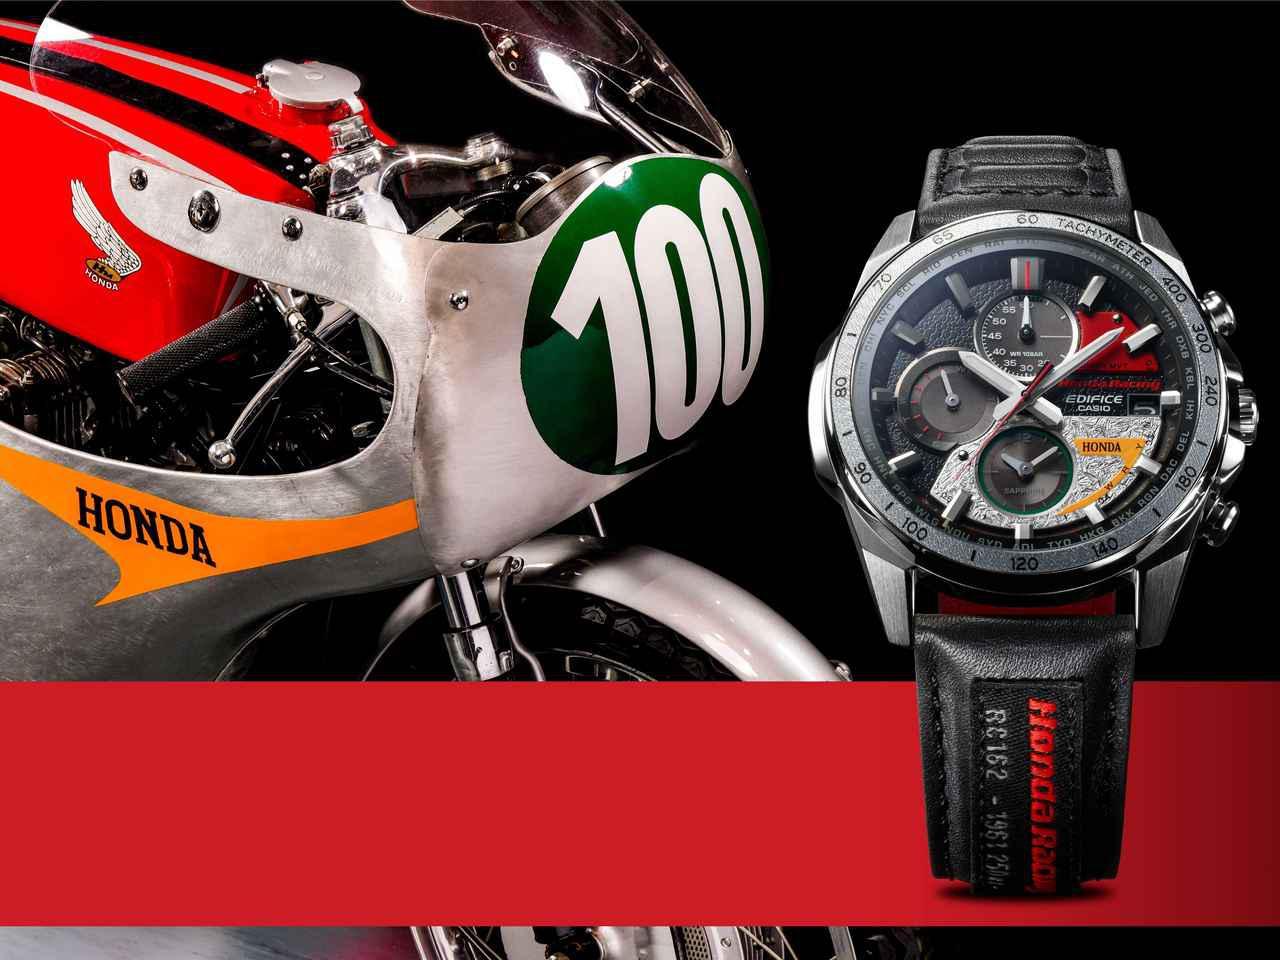 画像: ホンダ「RC162」をモチーフとした腕時計が誕生! エディフィスとホンダレーシングがコラボしたタフネス電波ソーラーウォッチ - webオートバイ